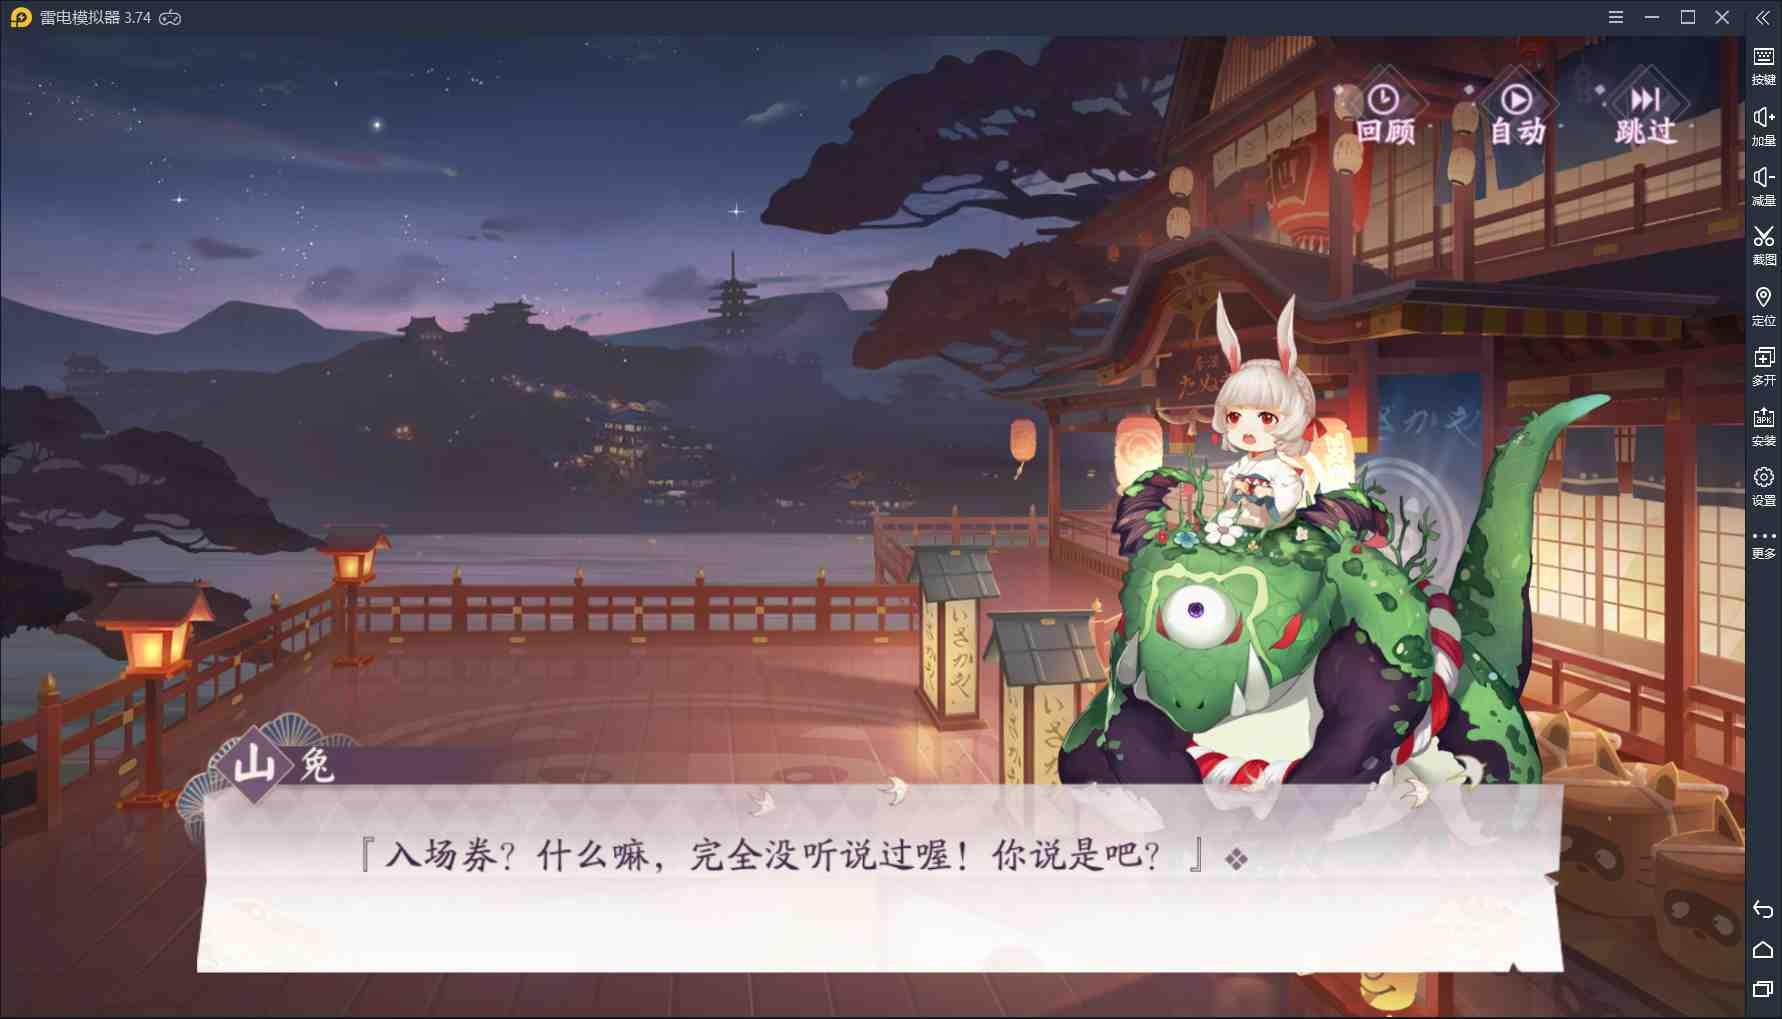 【陰陽師:百聞牌】卡牌式神的世界,不一樣的游戲體驗